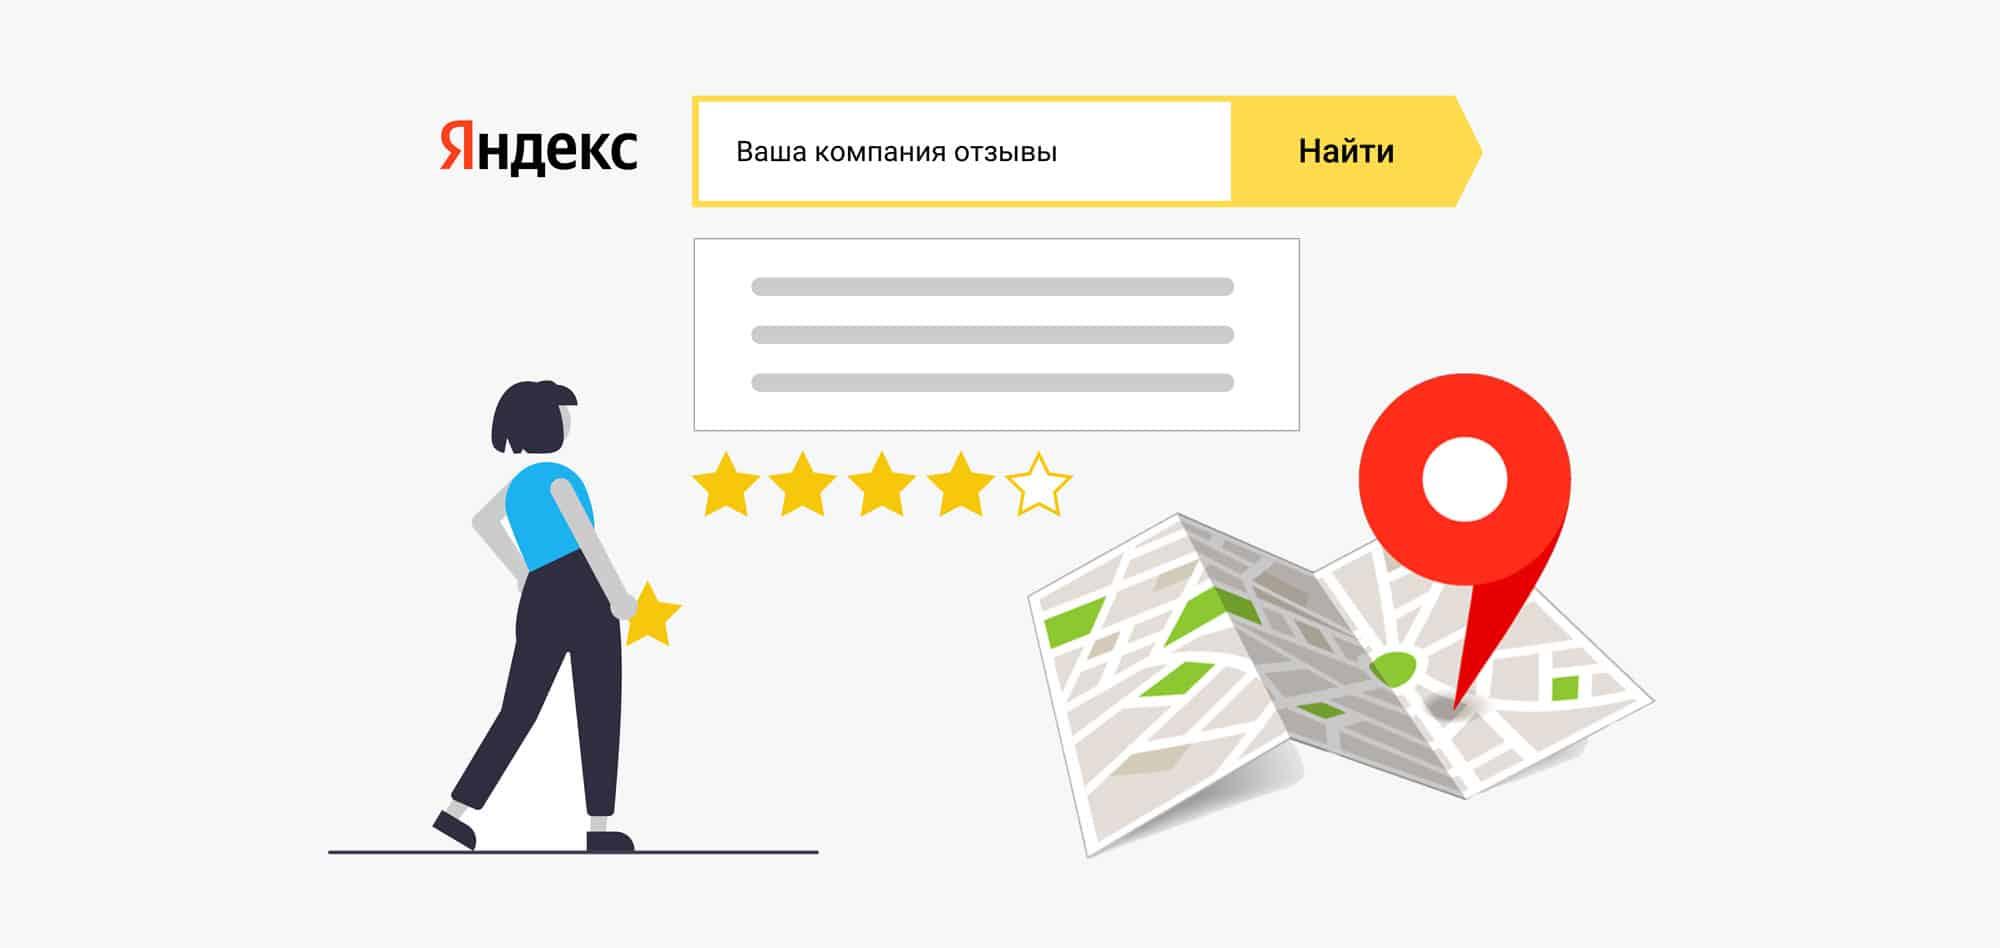 Заказать Отзывы на Яндекс Картах